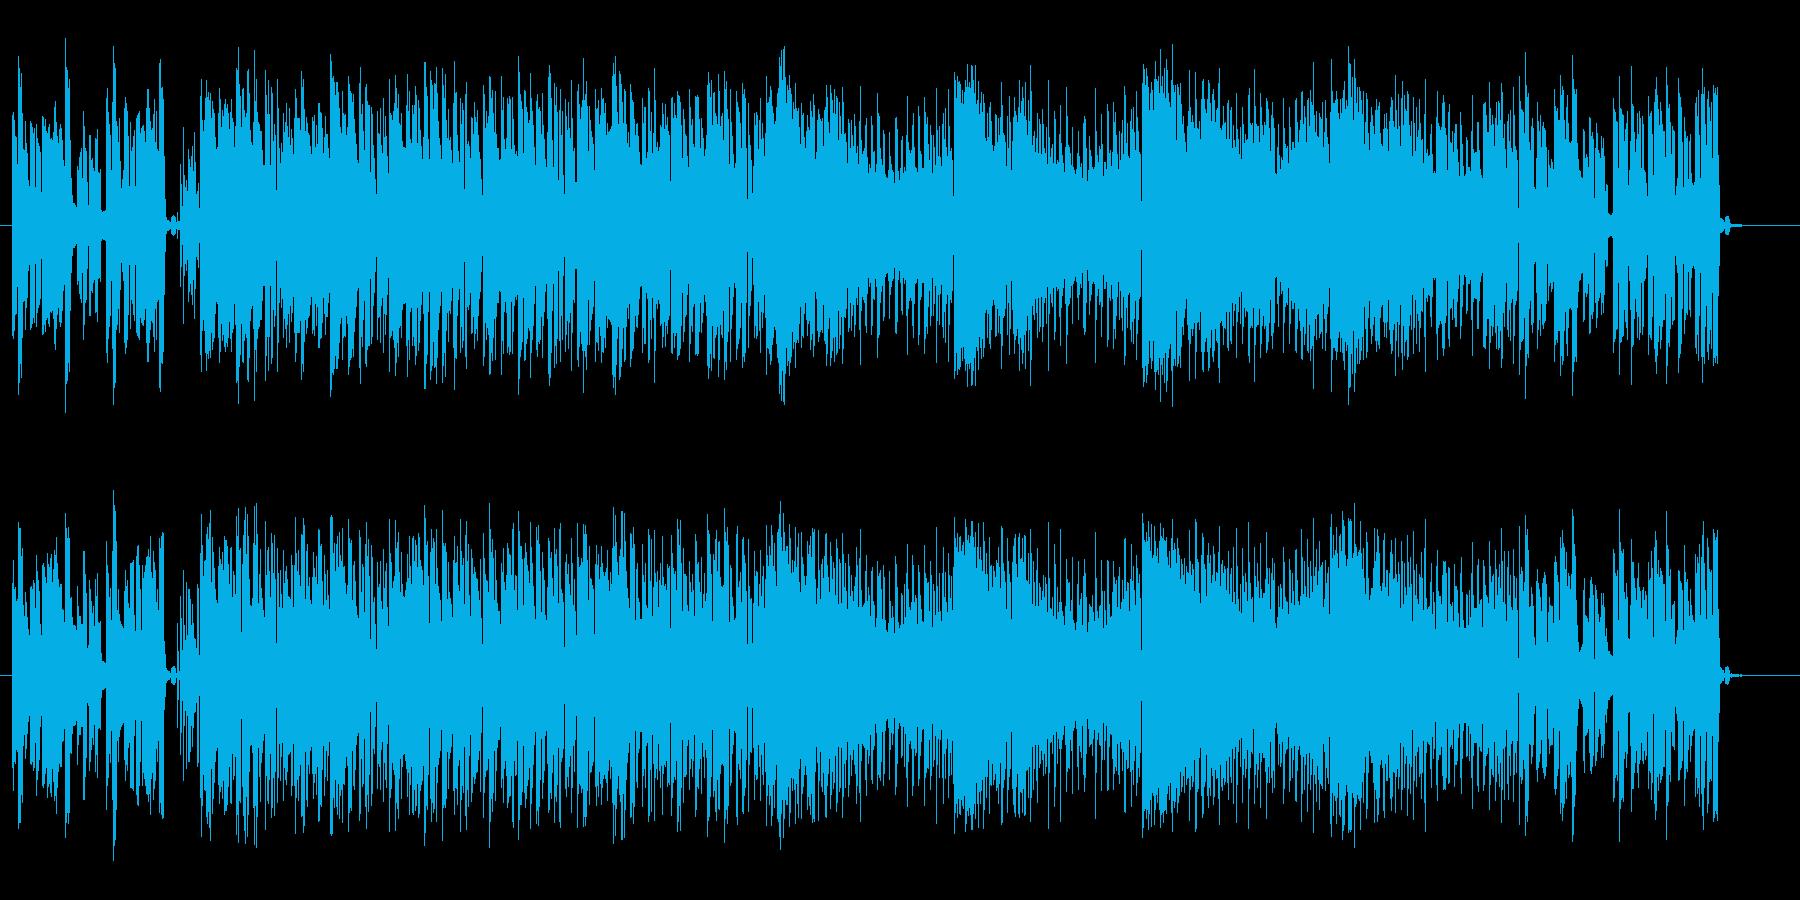 リズムが良くベースが印象的なテクノの再生済みの波形